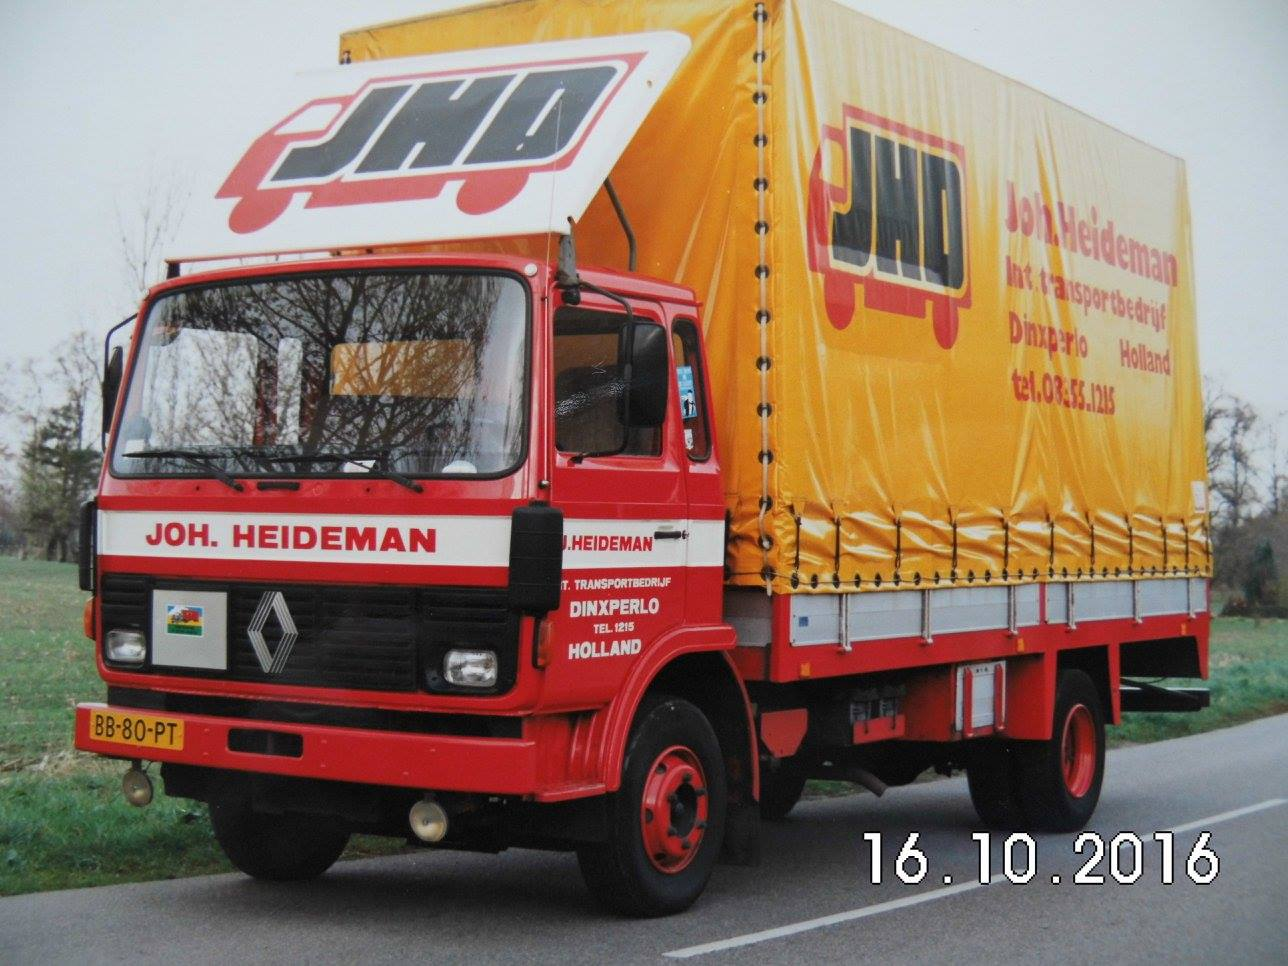 Johan-Heideman-Archief-14